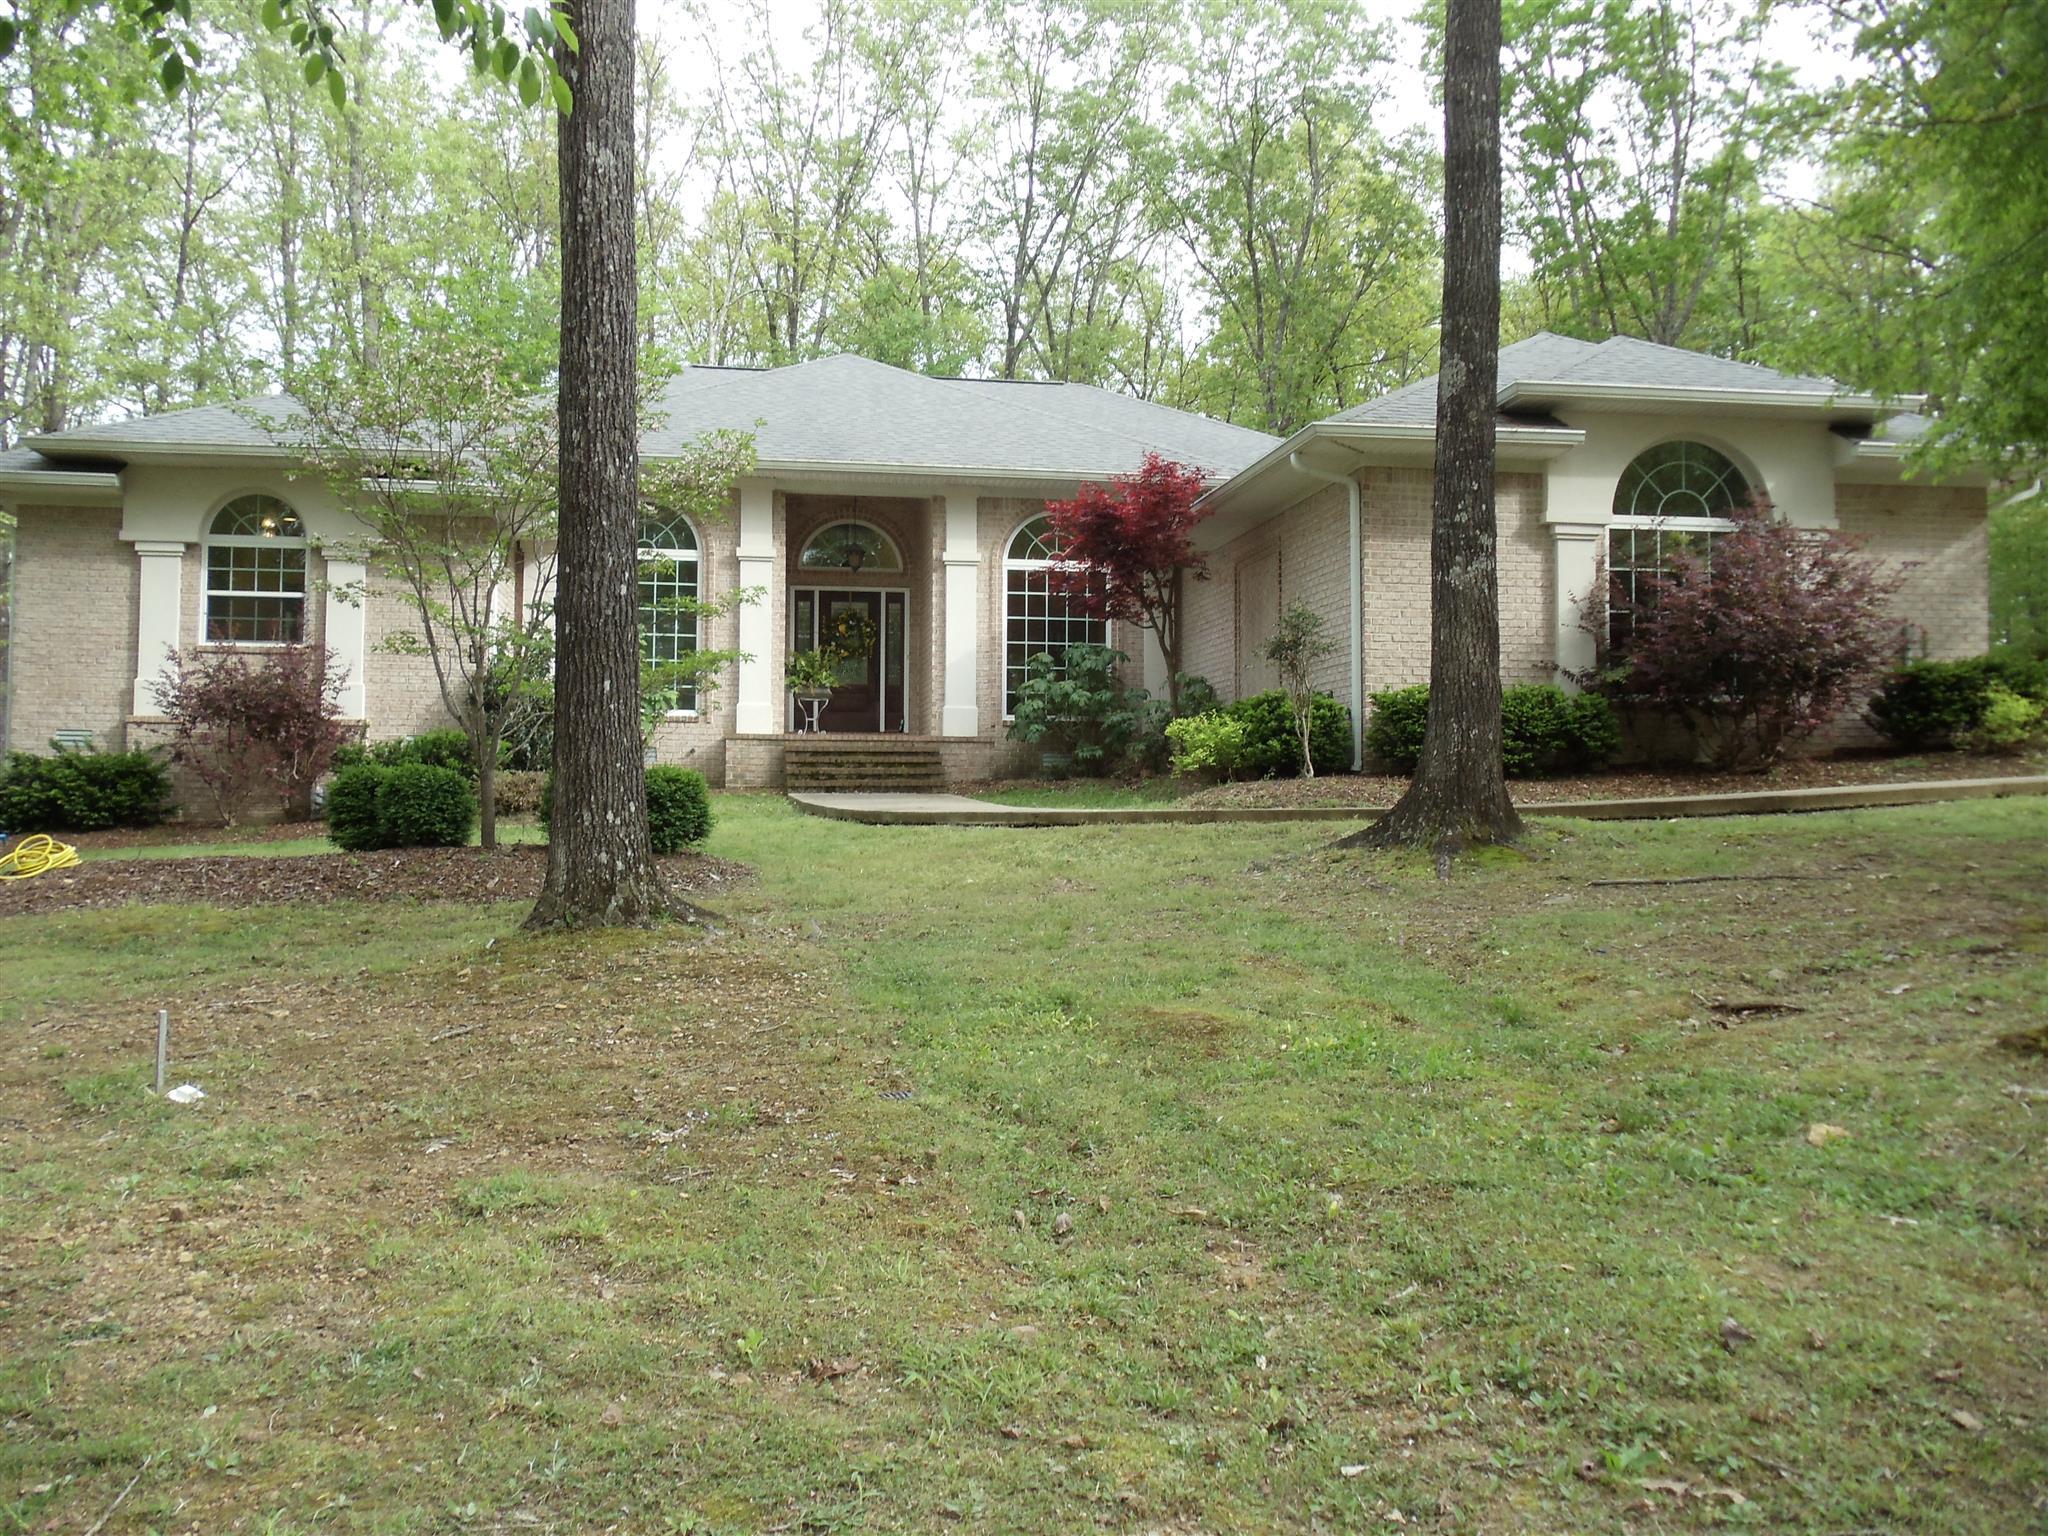 992 Alex Dr, Lawrenceburg, TN 38464 - Lawrenceburg, TN real estate listing